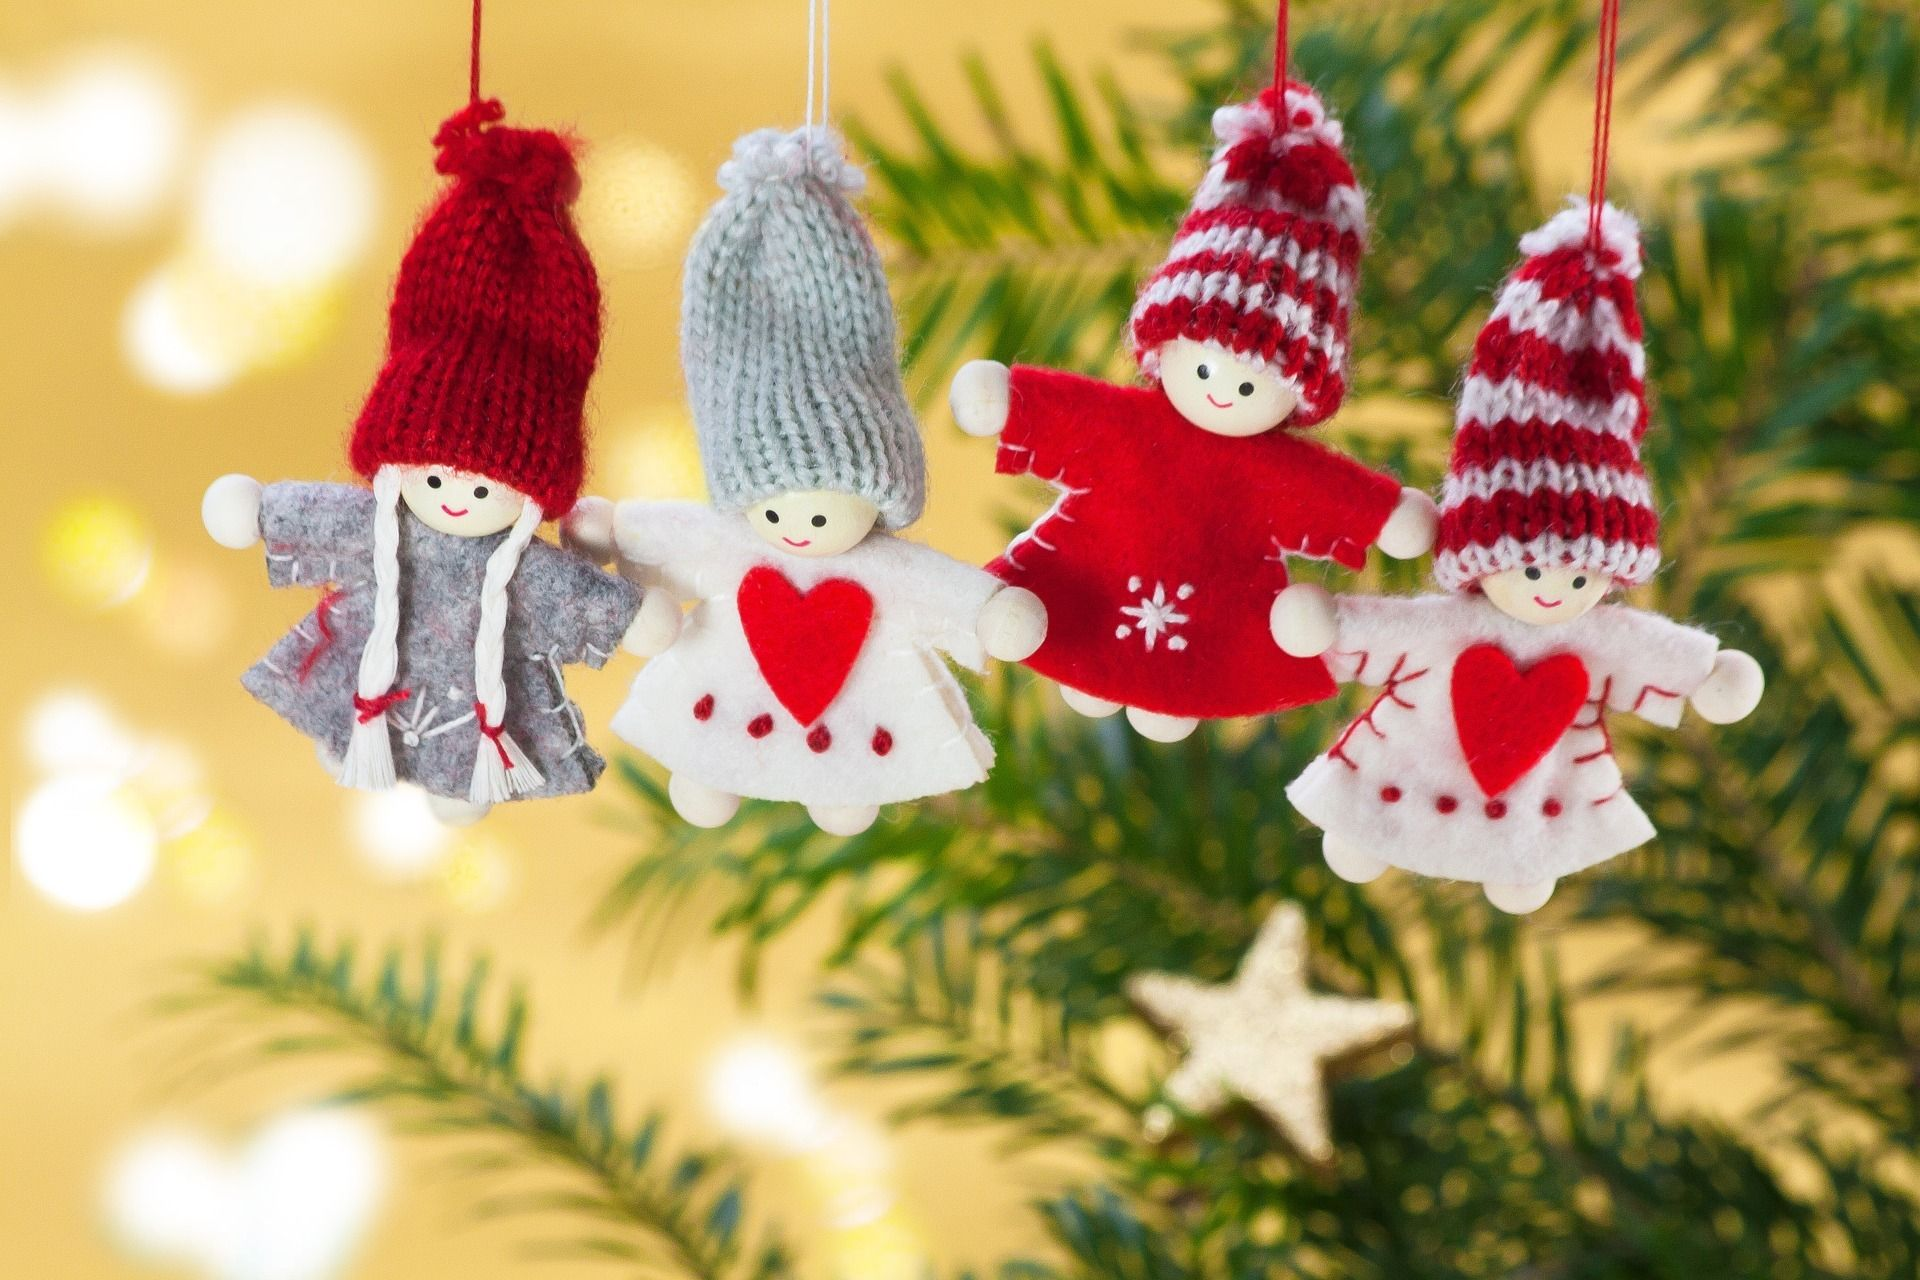 Wissenswertes über Weihnachtsbäume